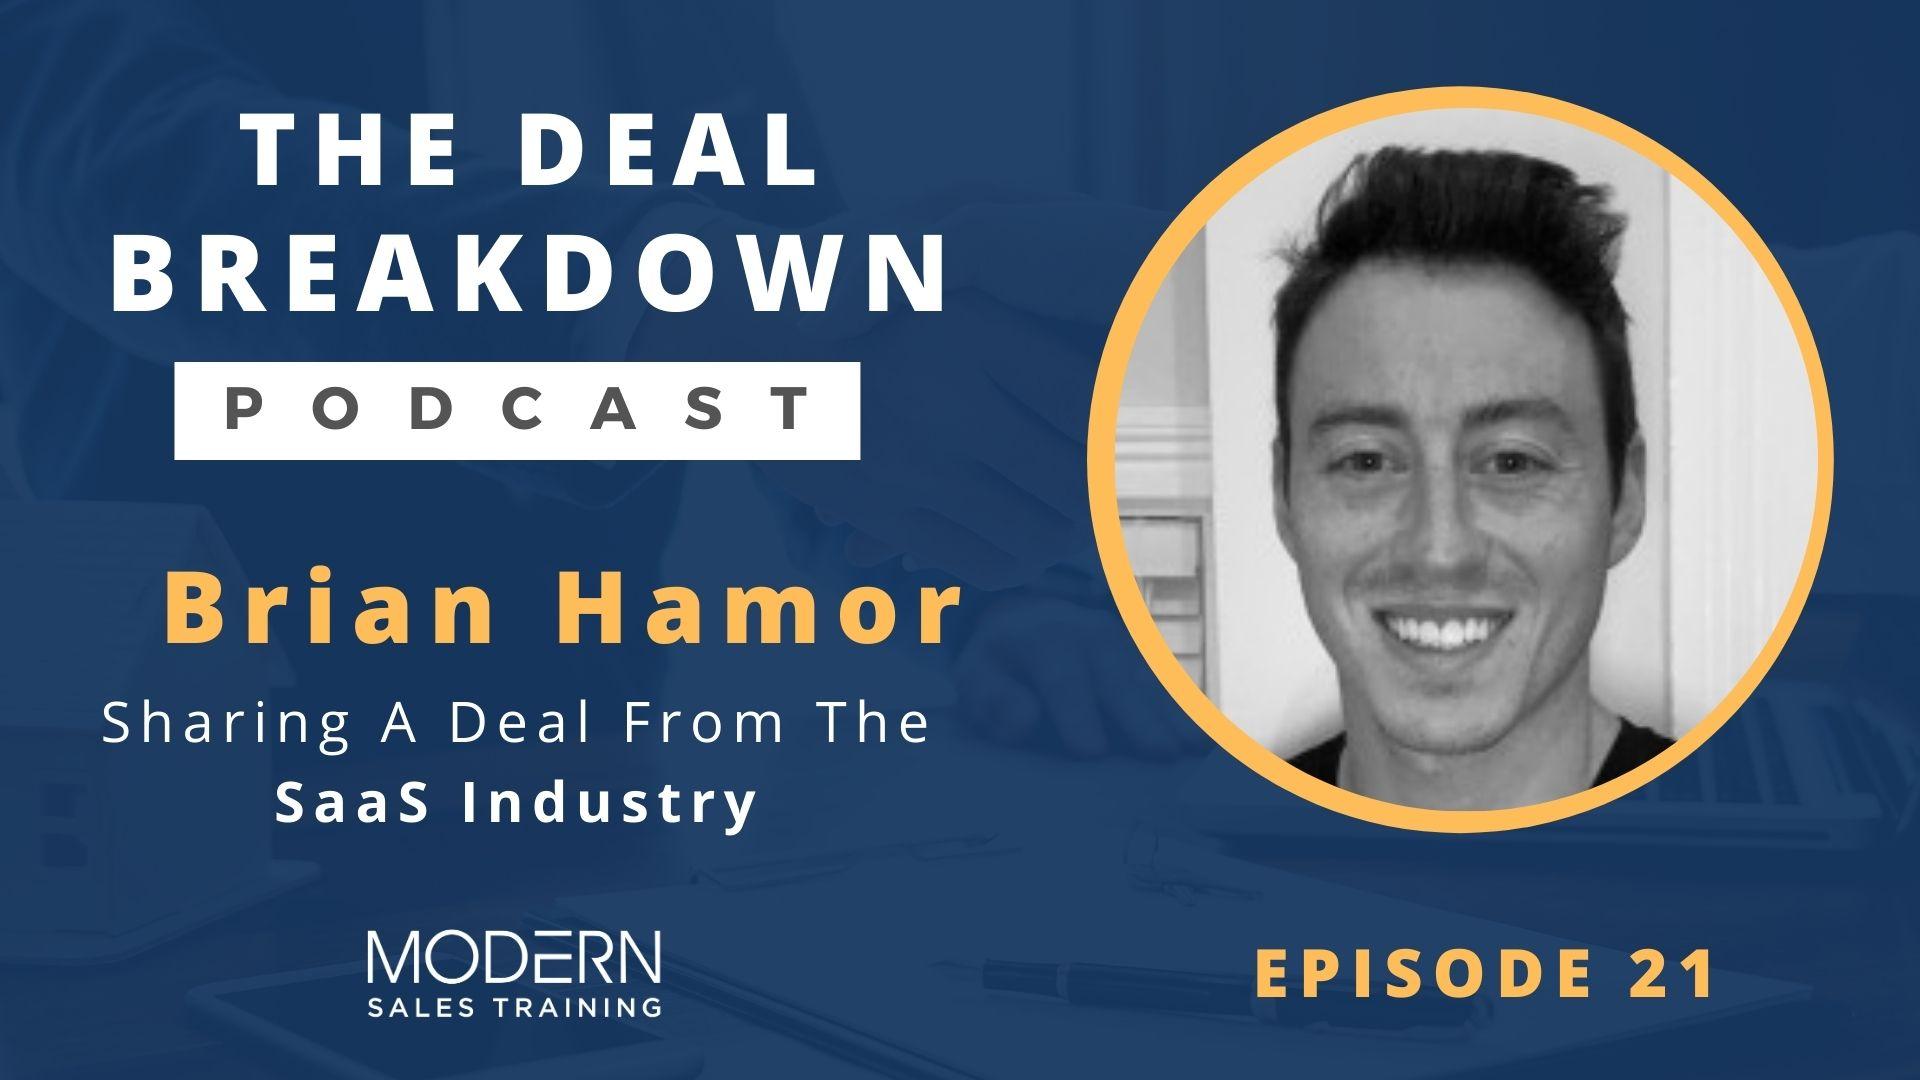 The-Deal-Breakdown-Podcast-Modern-Sales-Training-Brian-Hamor